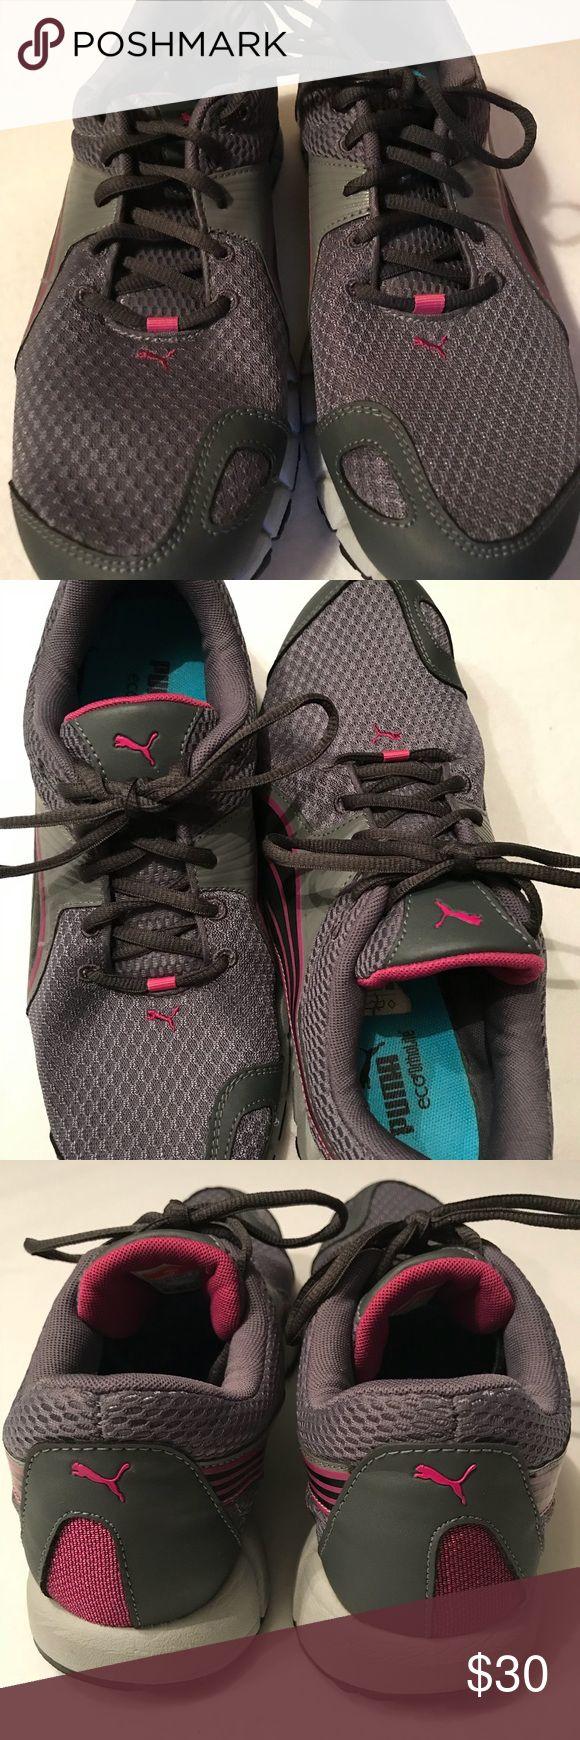 Pumas Ladies Sneakers Pumas Shoes Sneakers